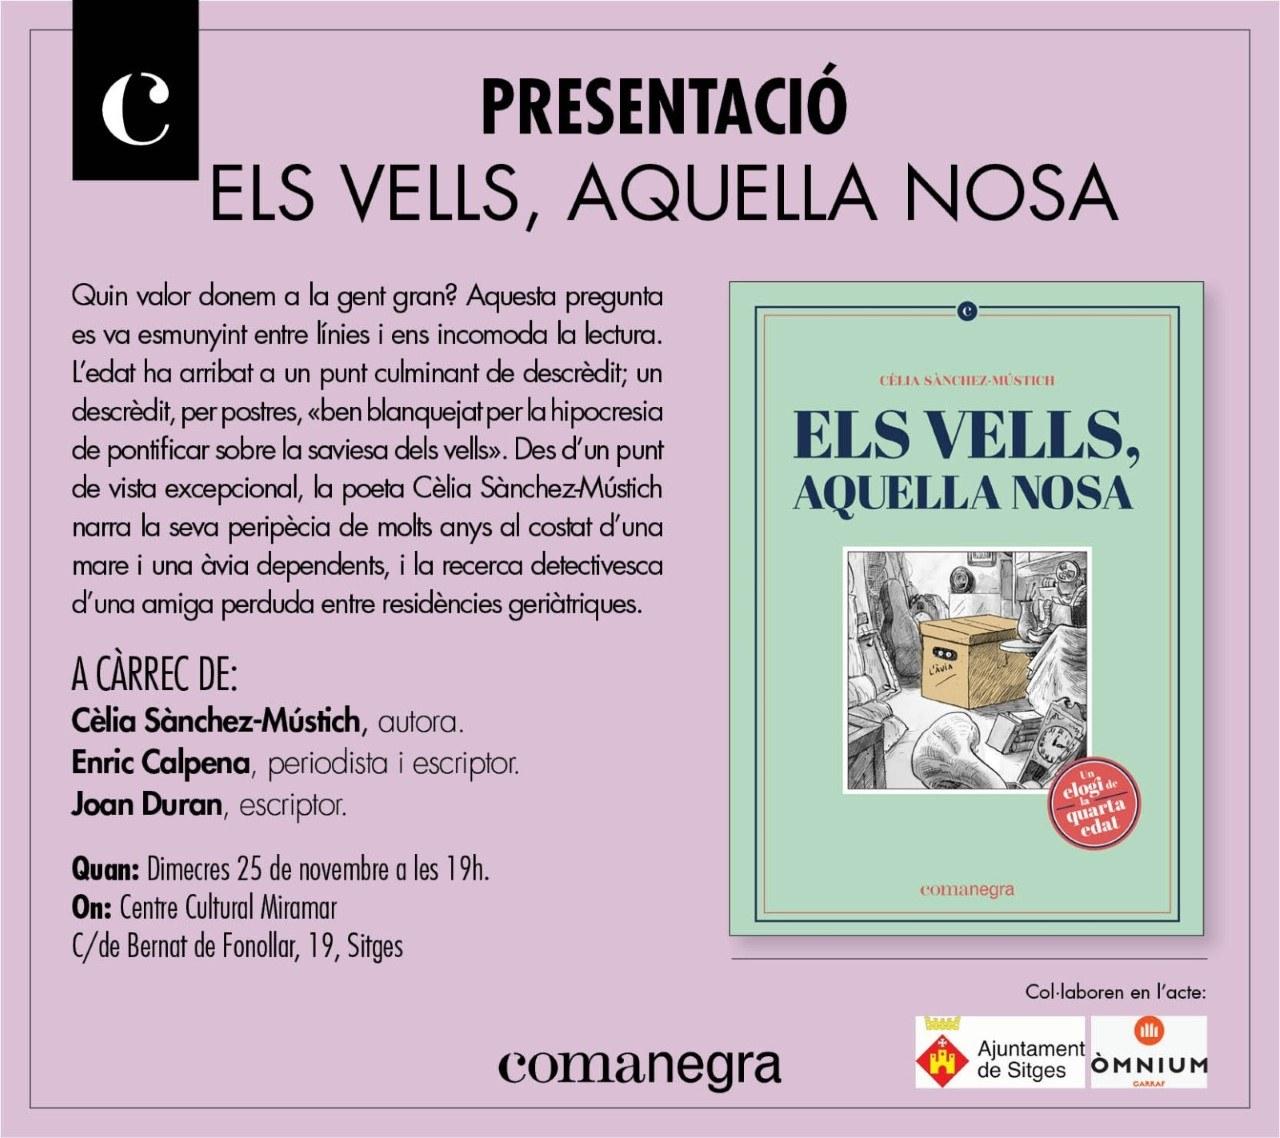 Presentació del llibre 'Els vells, aquella nosa: un elogi de la quarta edat' de Cèlia Sànchez-Mústich al Casino Prado